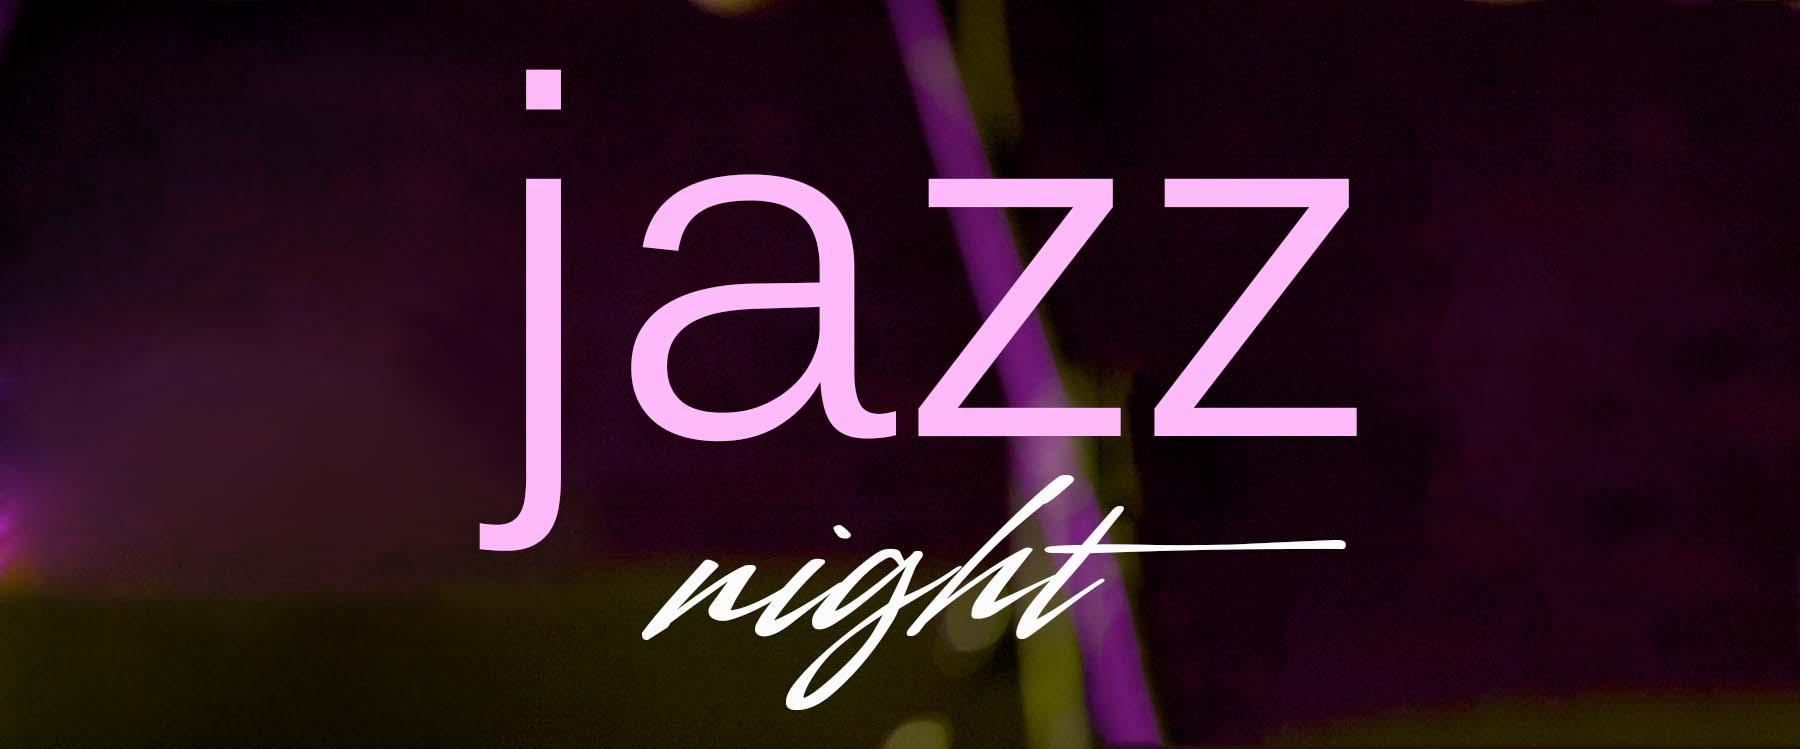 Jazz night logo